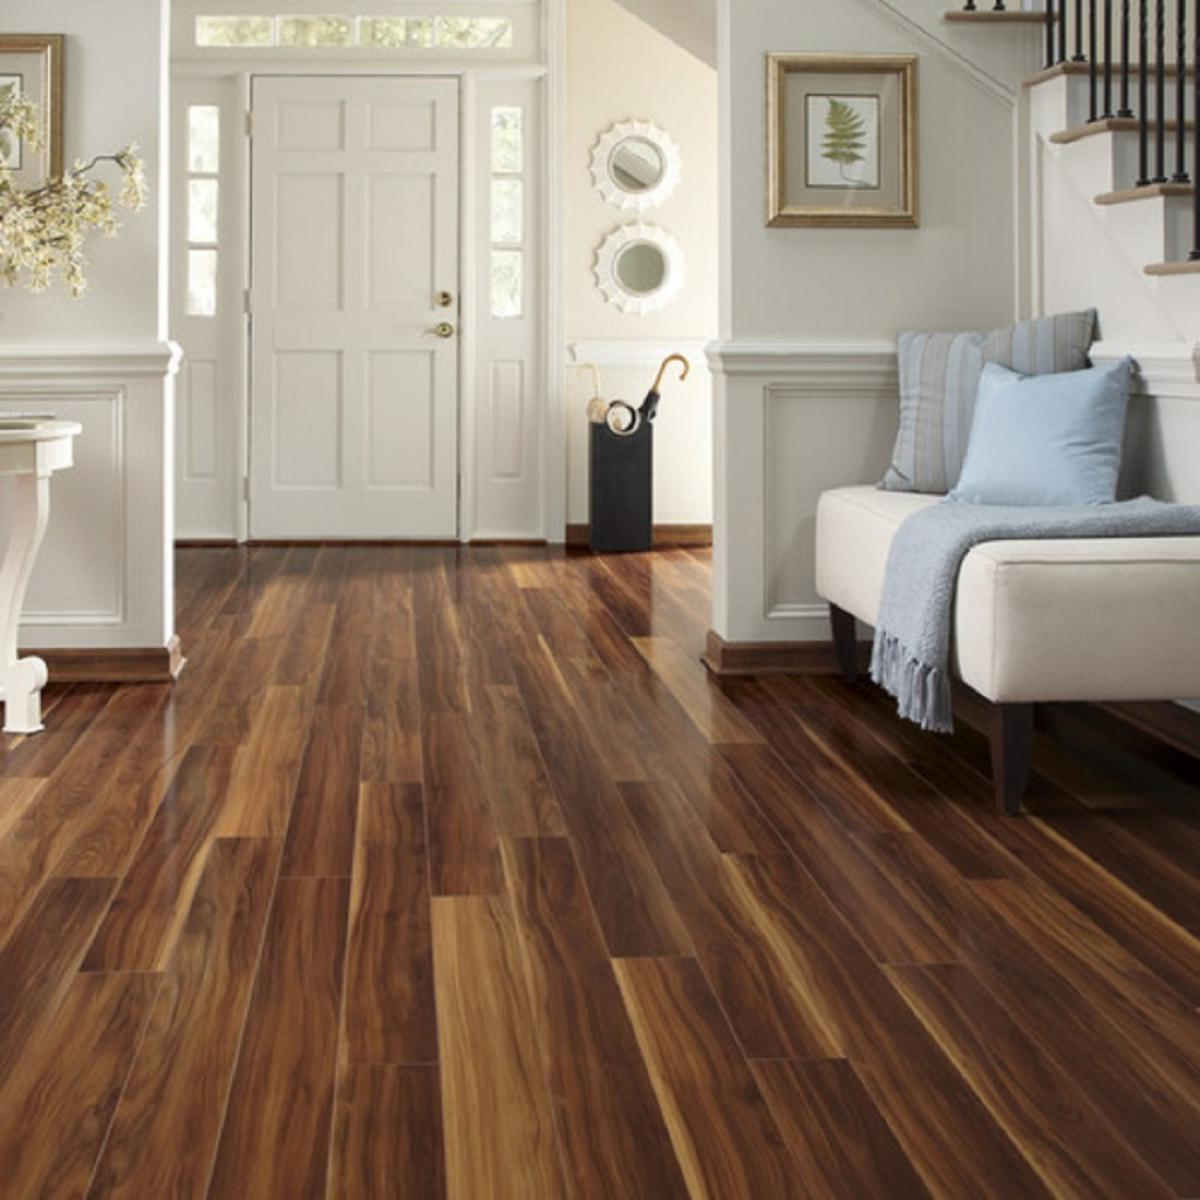 modern wood flooring wood floor trends 2017 BSMBRNH